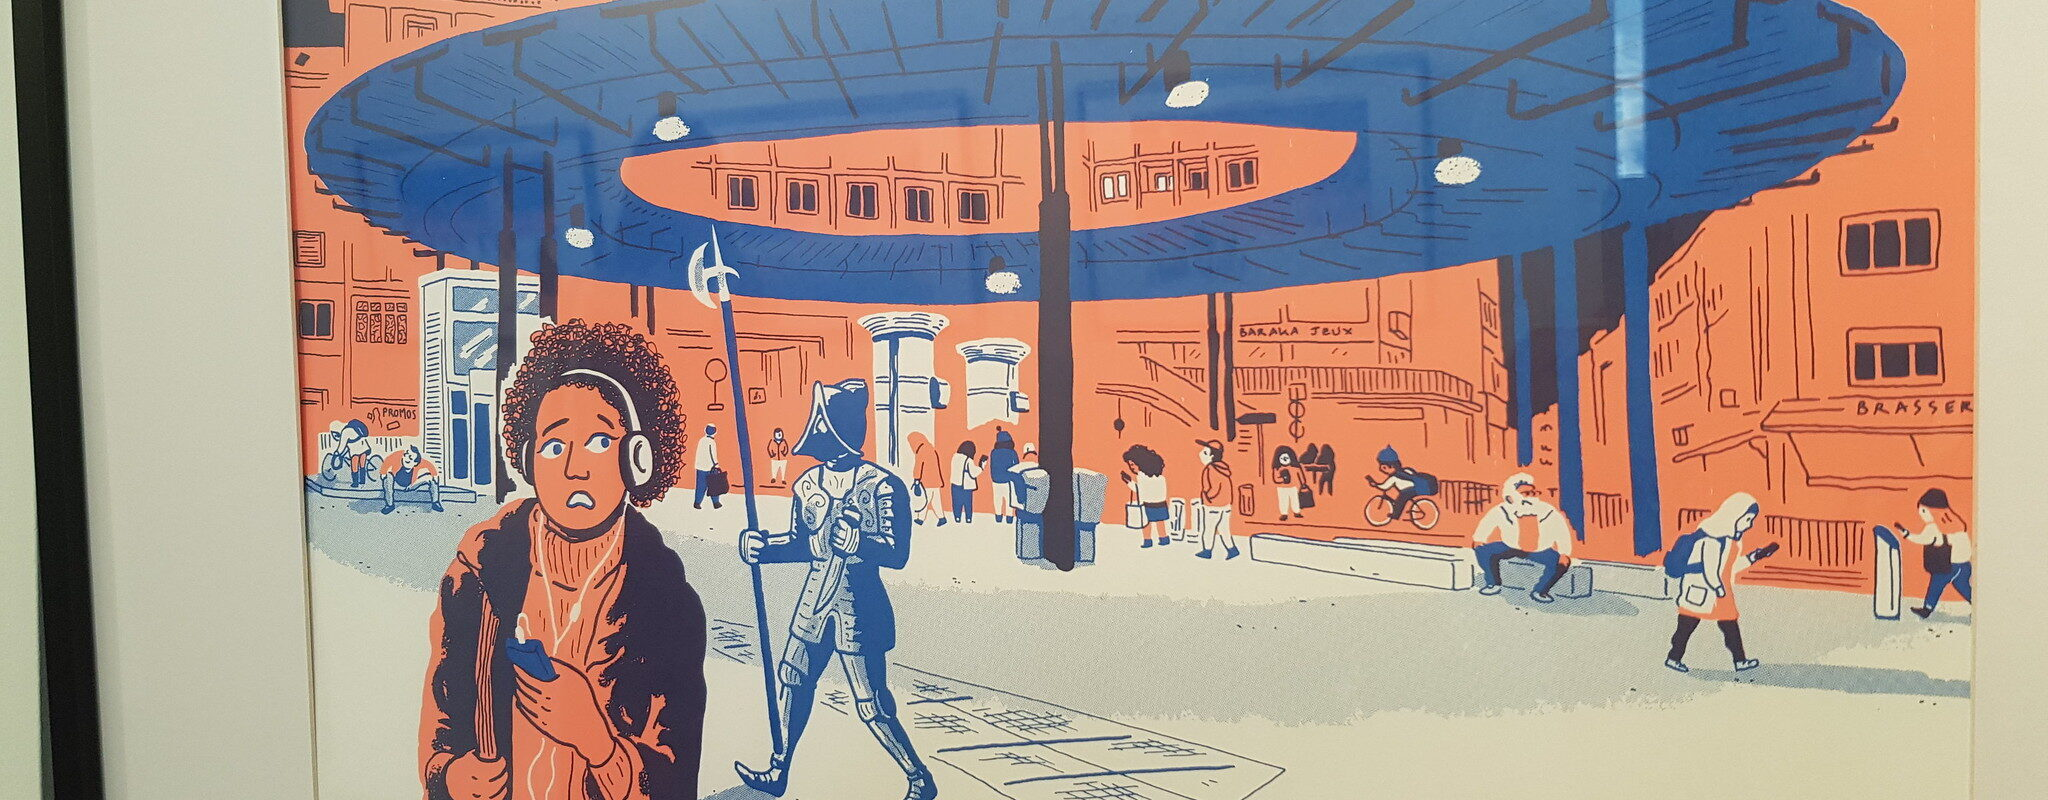 Les femmes sont «Dans la place», une exposition d'Ariane Pinel sur la parité dans la ville